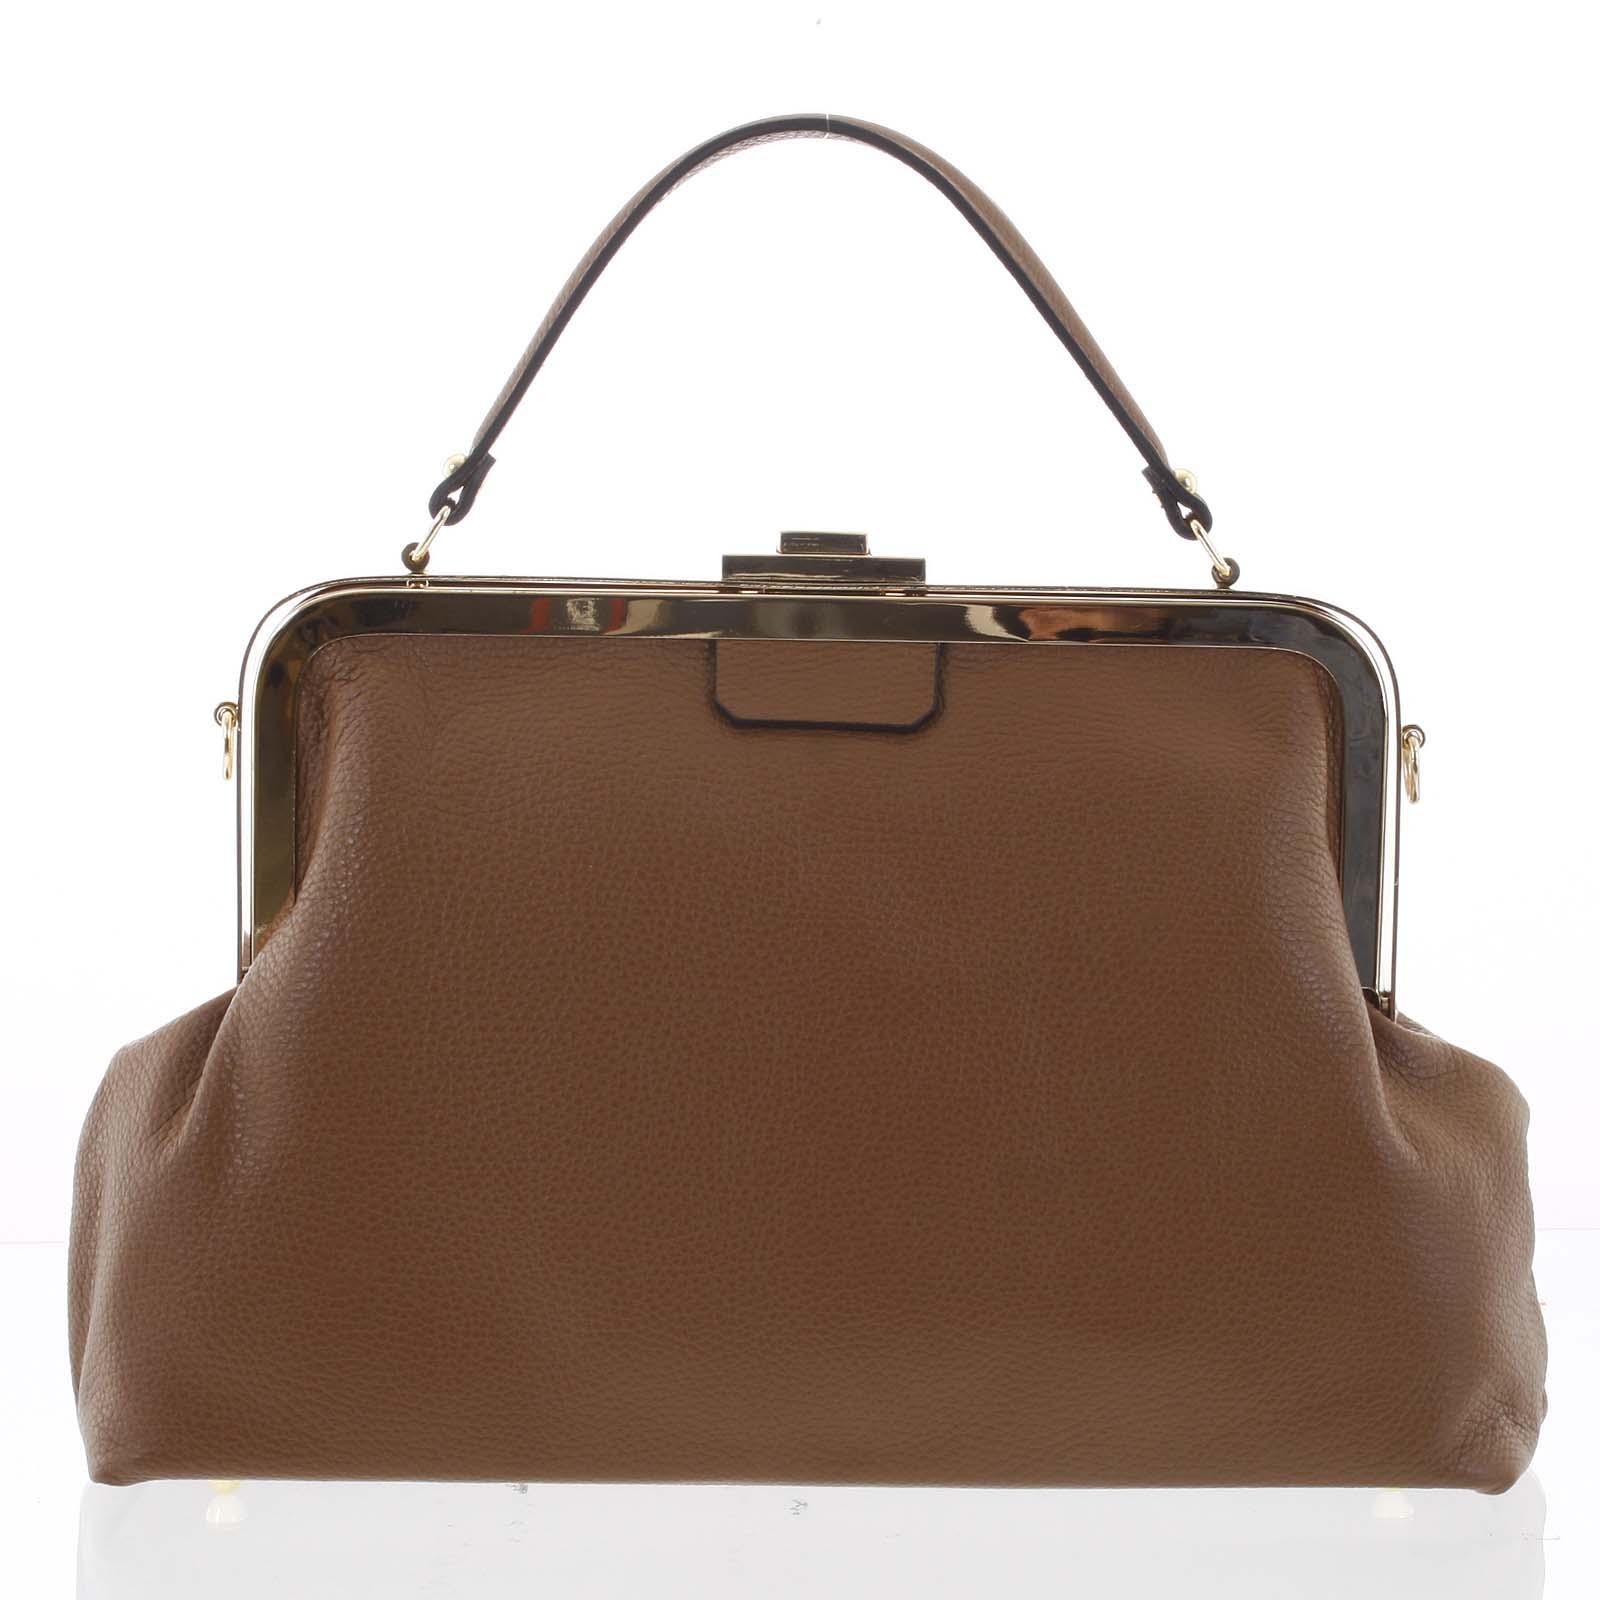 Retro luxusní dámská kožená kabelka hnědá - ItalY Maty